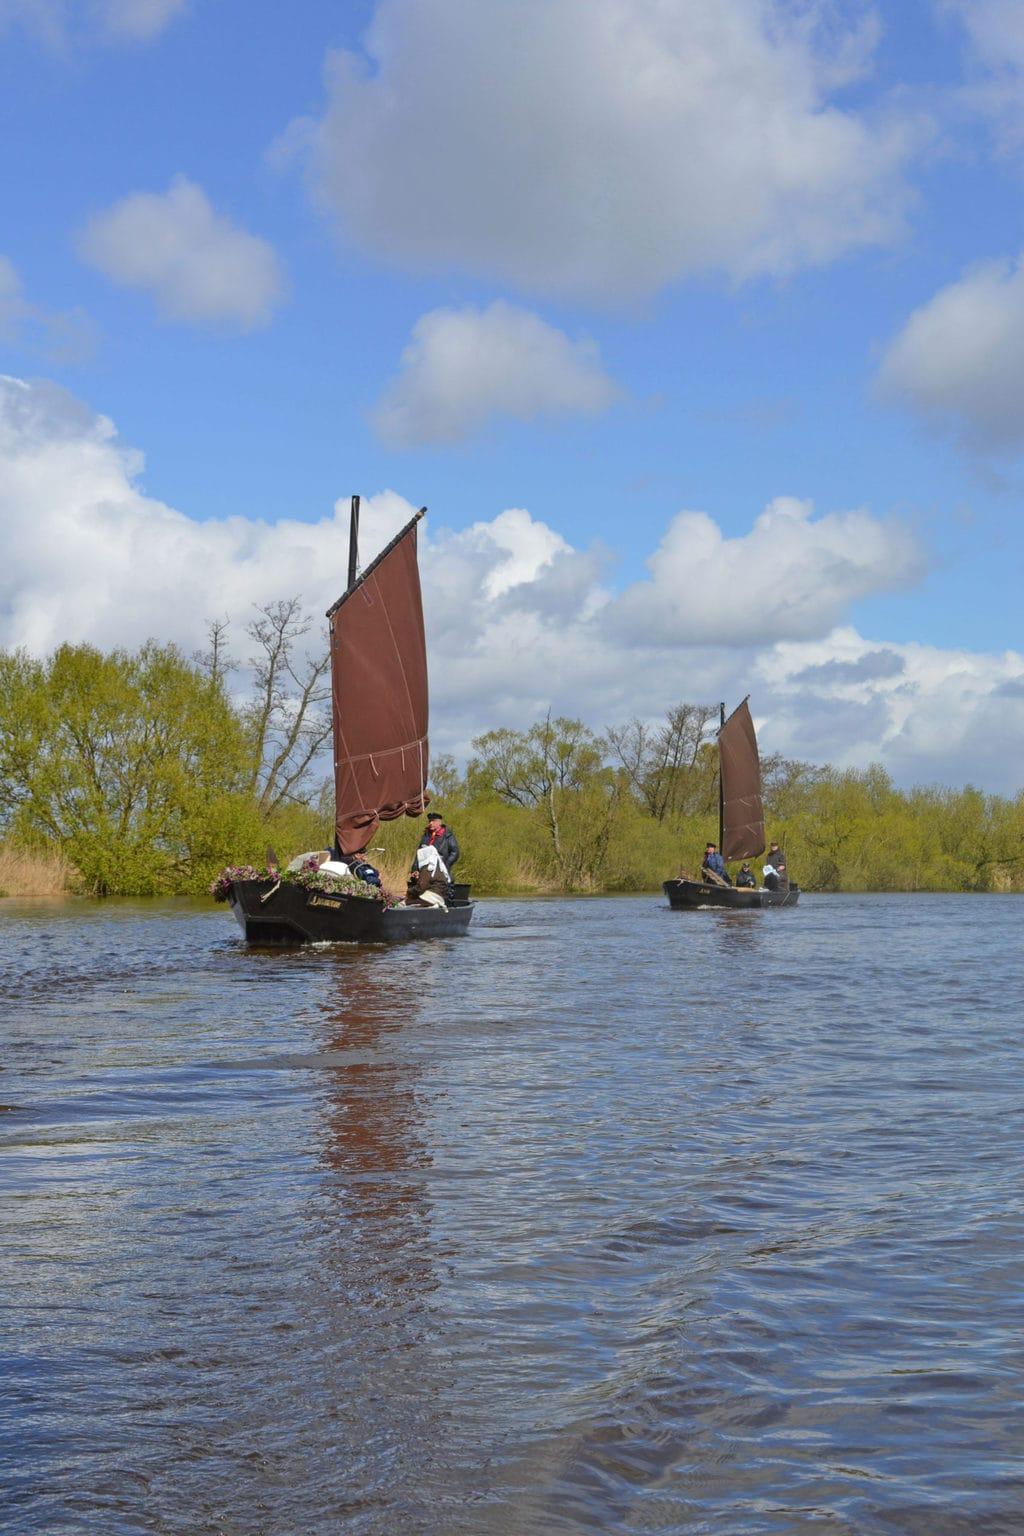 Booten met zwarte zeilen zijn het kenmerk van het Teufelsmoor bij Worpswede